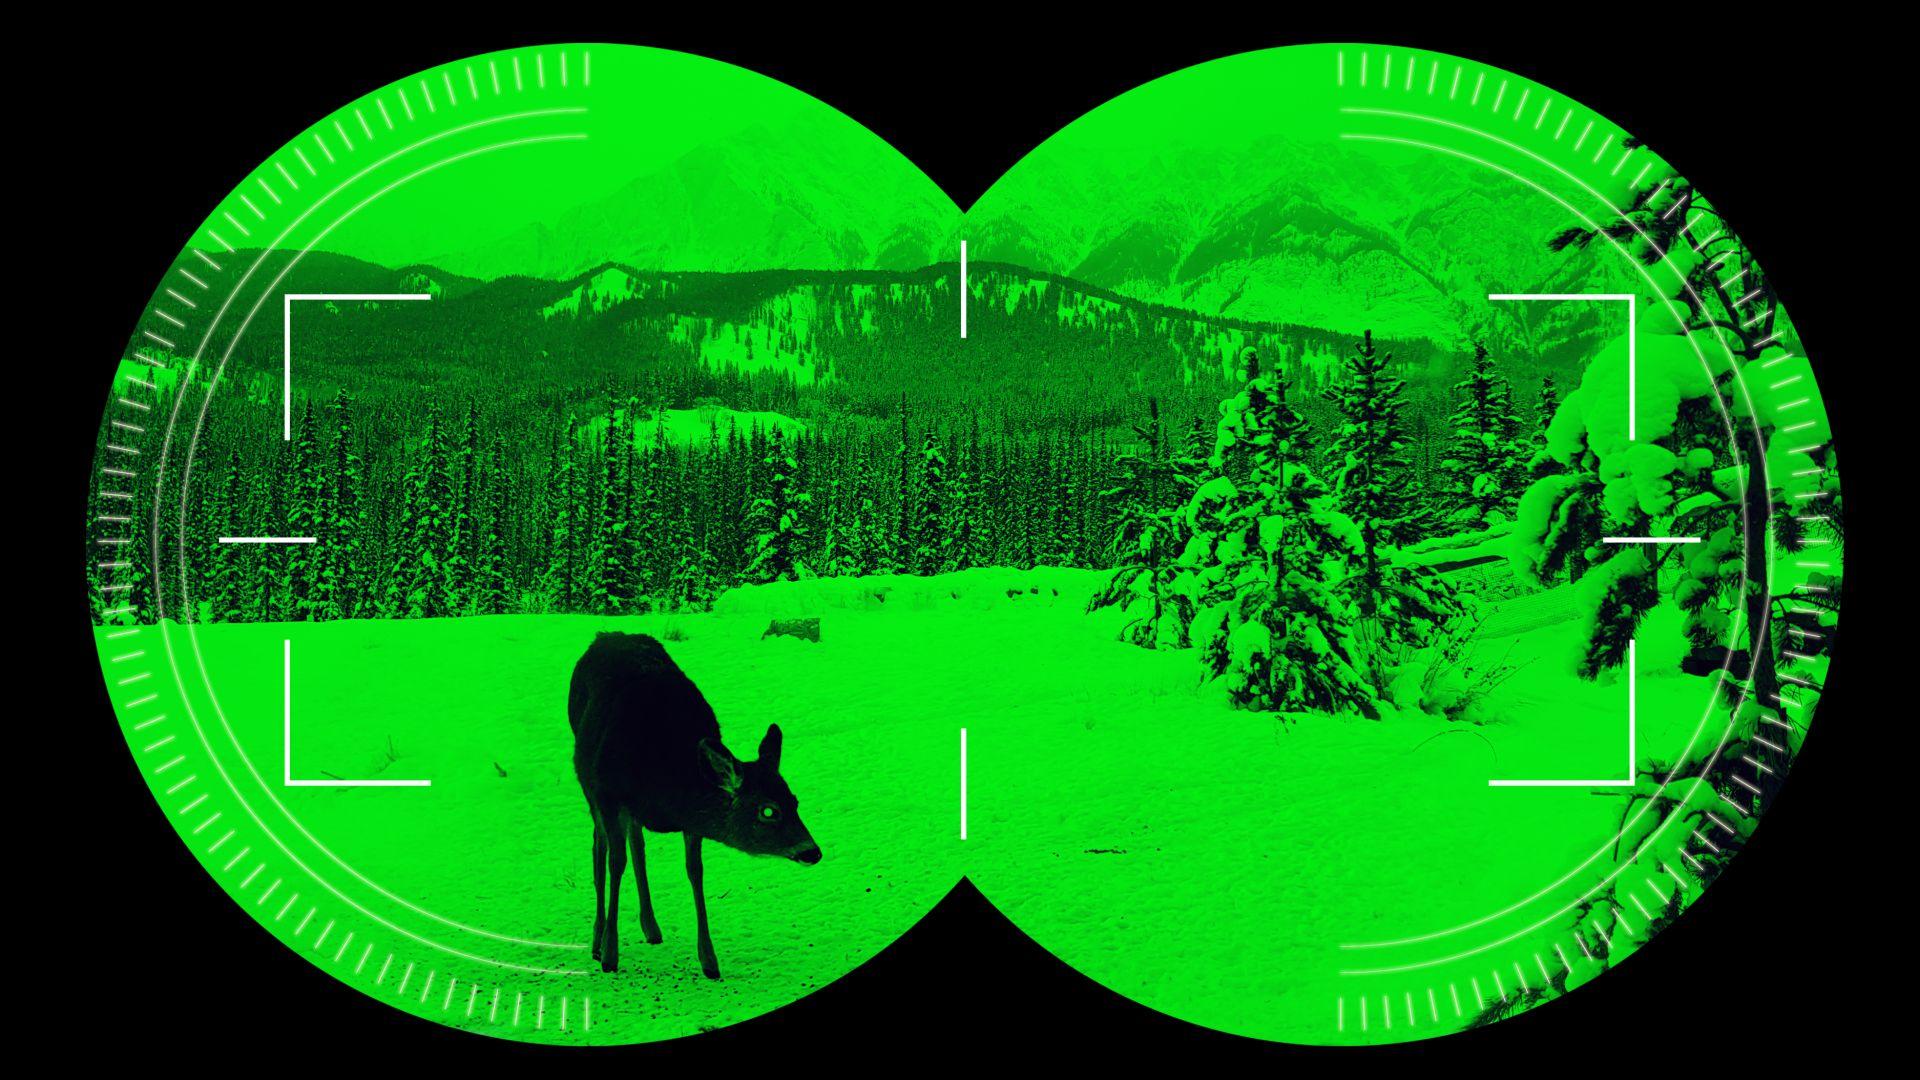 Специално покритие превръща обикновени очила в прибори за нощно виждане